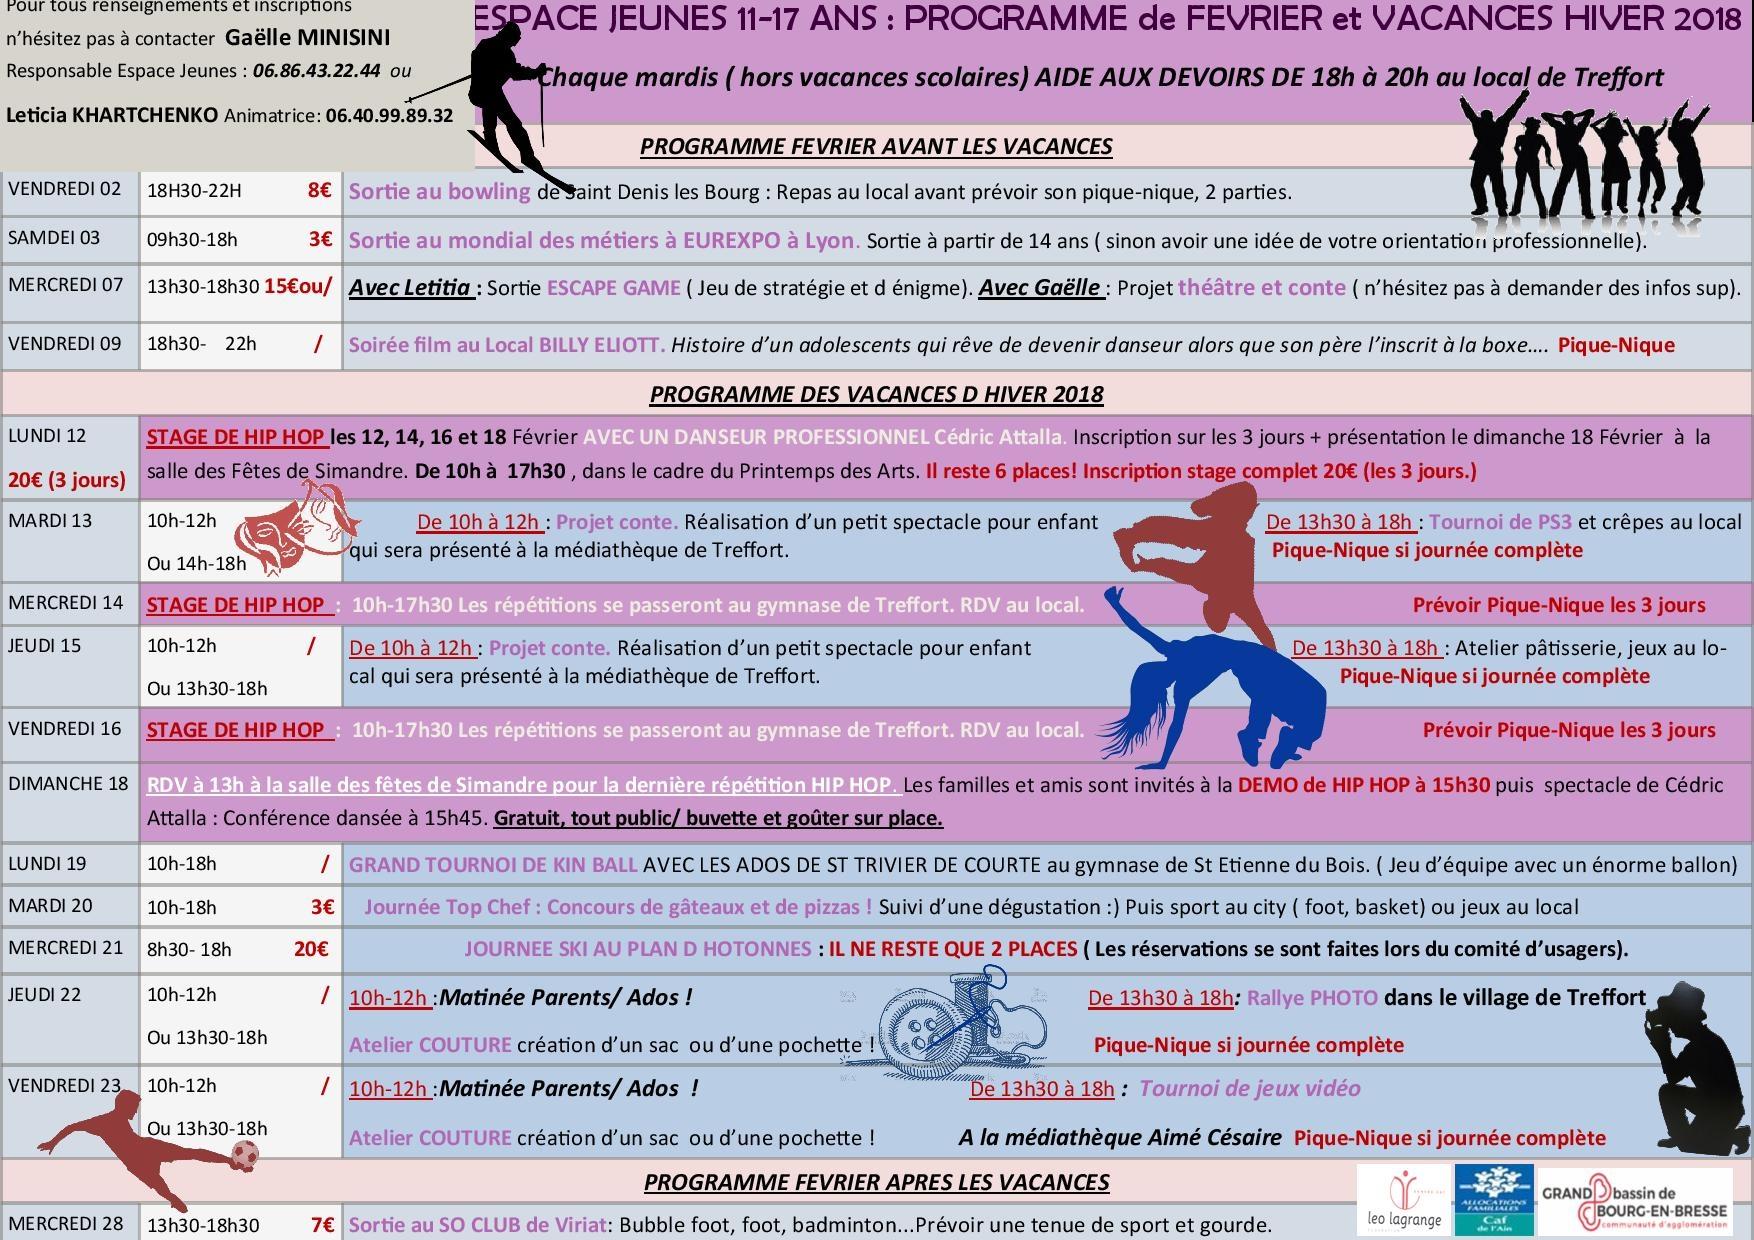 programme Février + Vac hiver - Copie-page-001